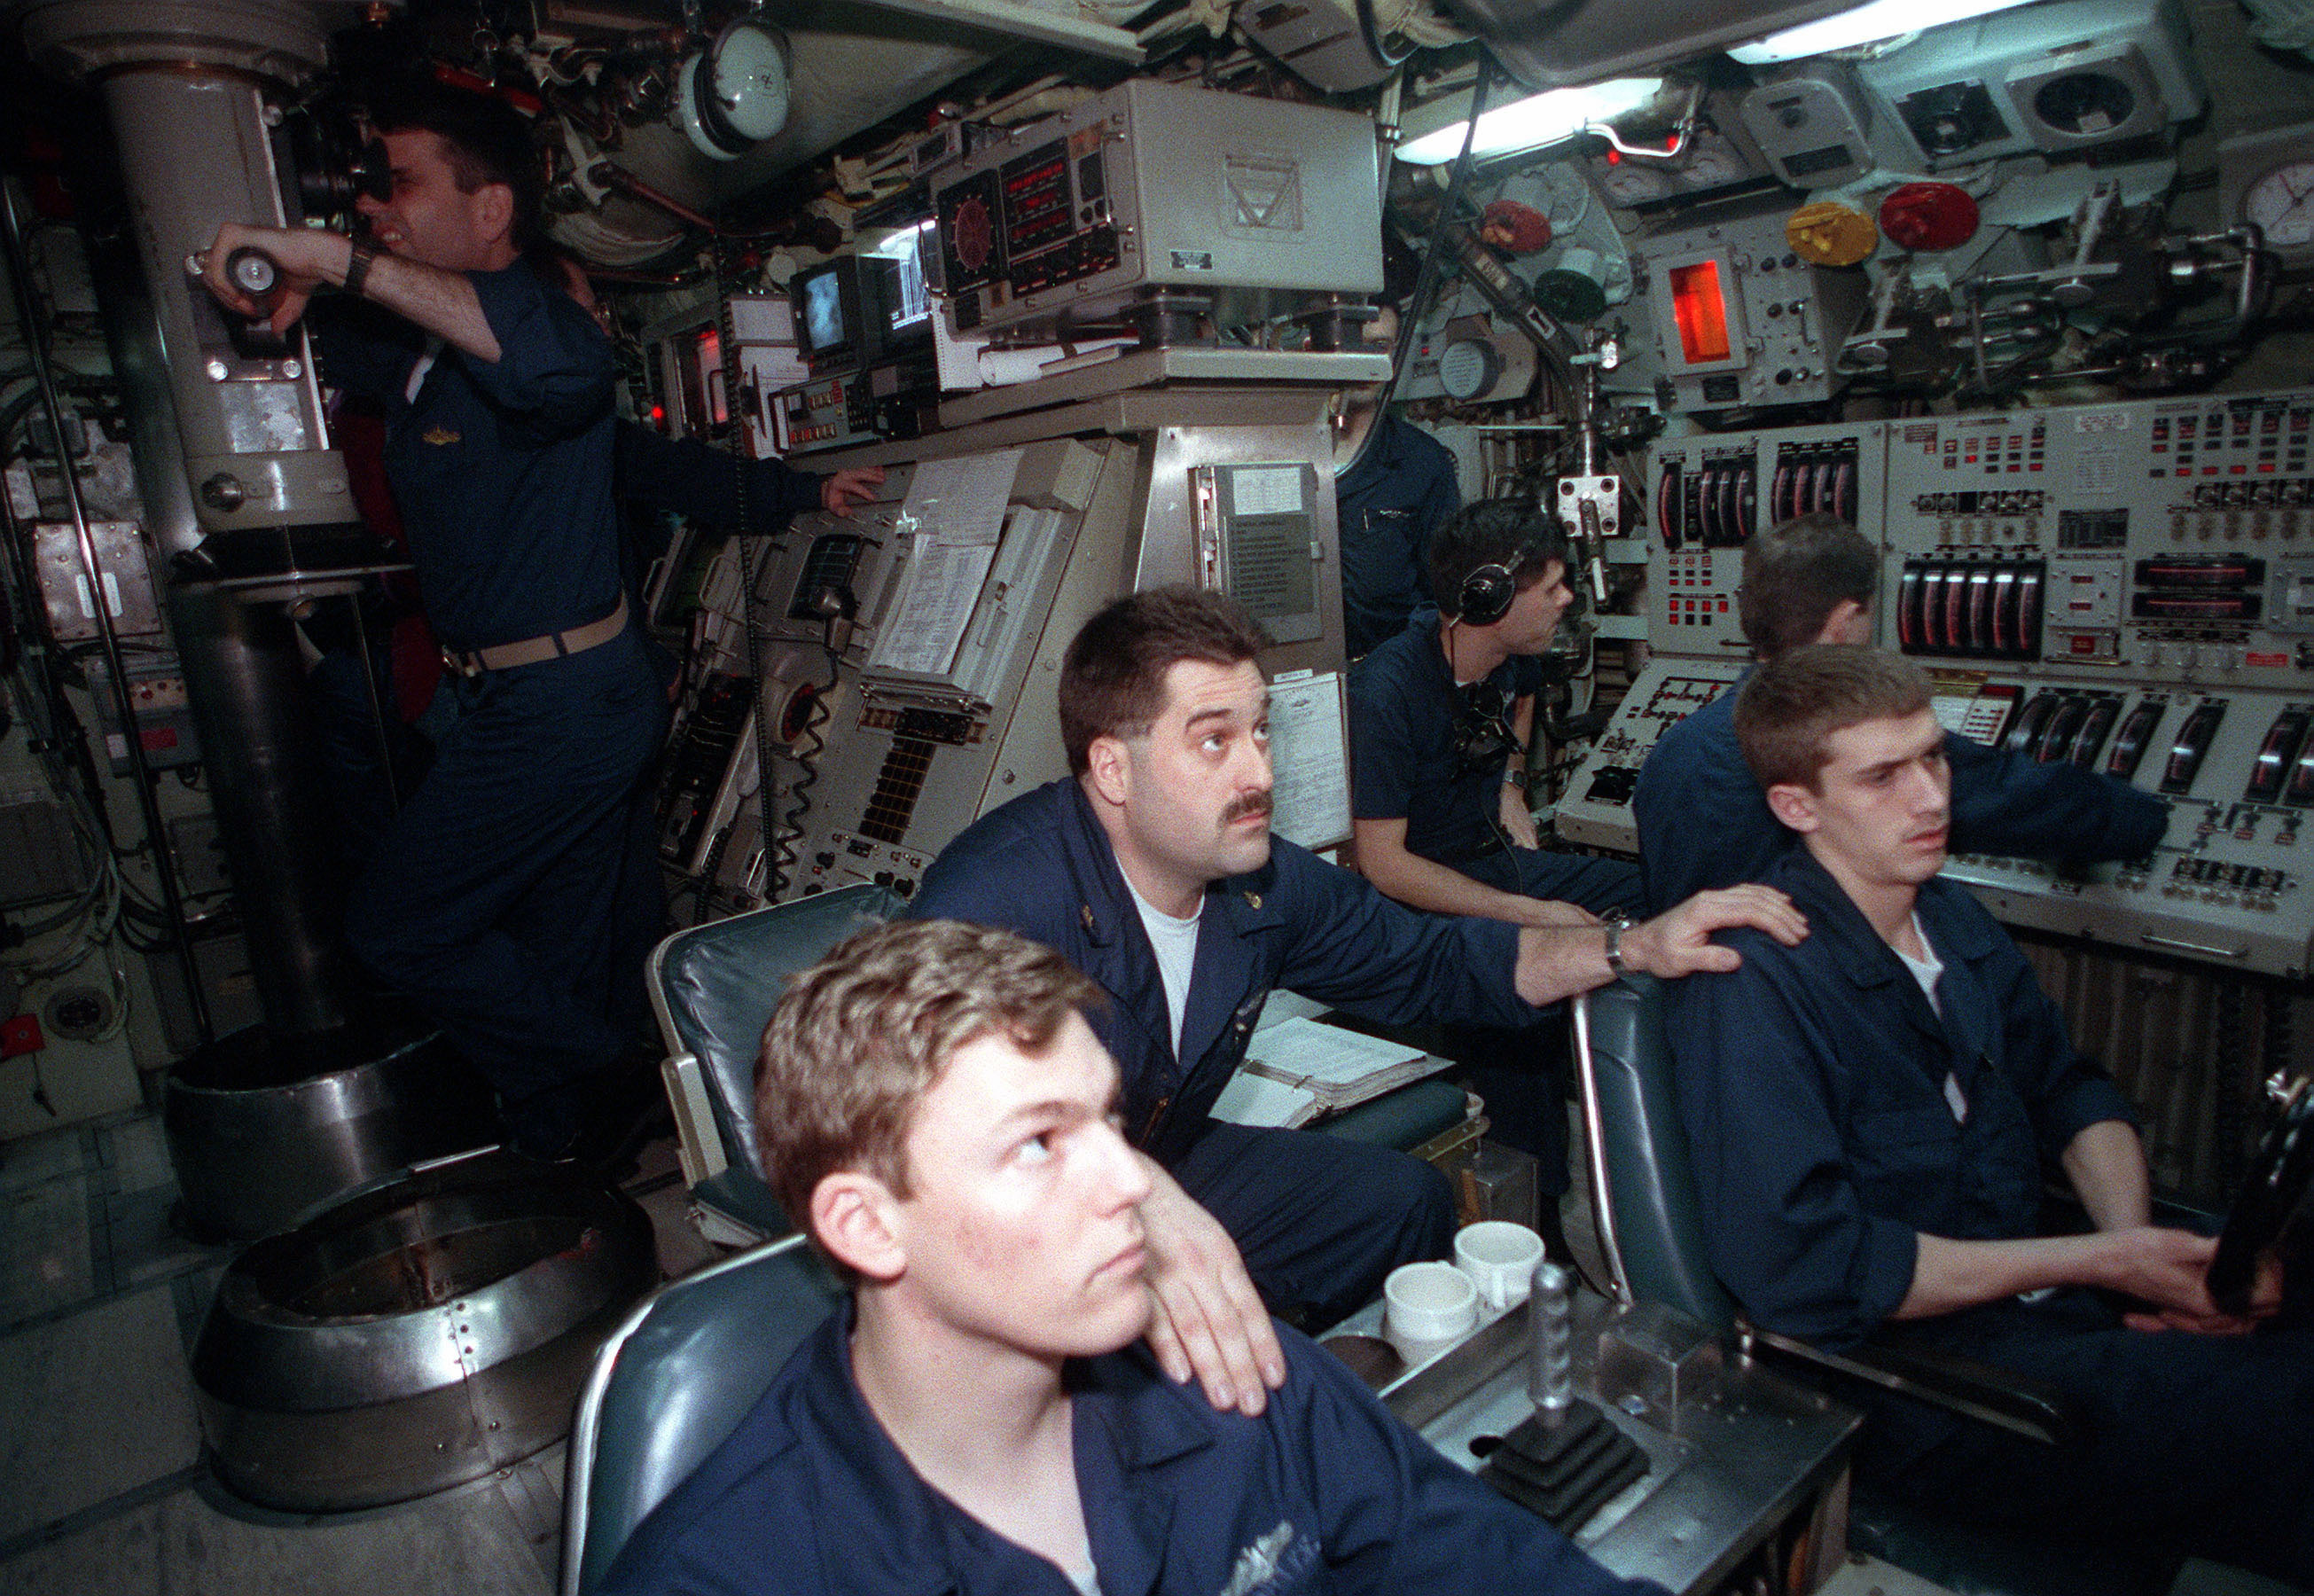 Operationszentrale der USS Pargo (SSN-650) Sturgeon-Klasse (1991)